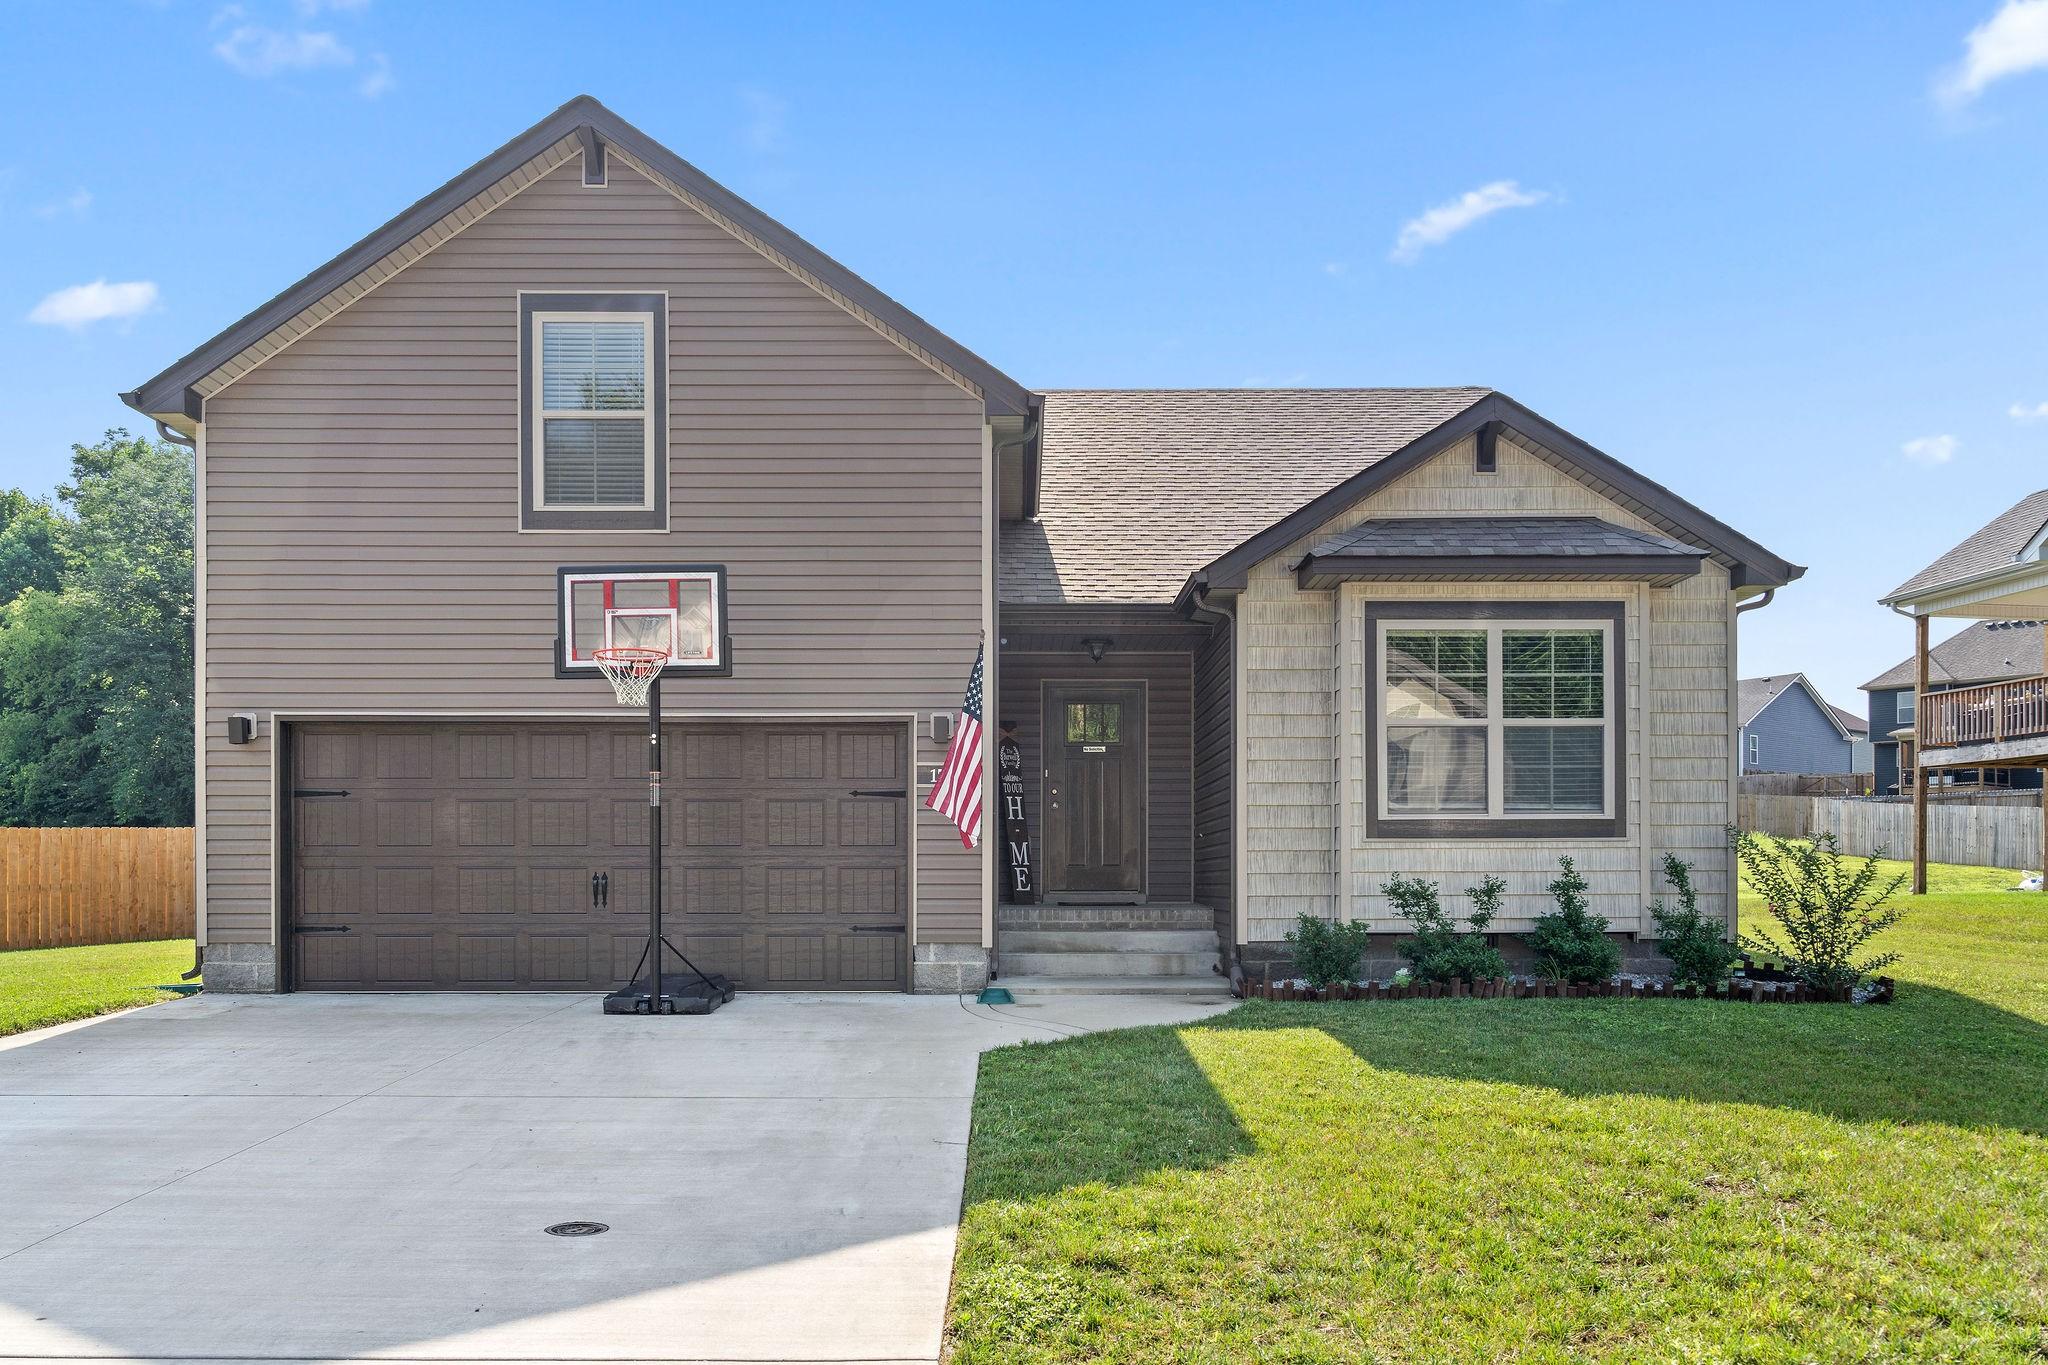 Autumn Creek Sec 7b Real Estate Listings Main Image